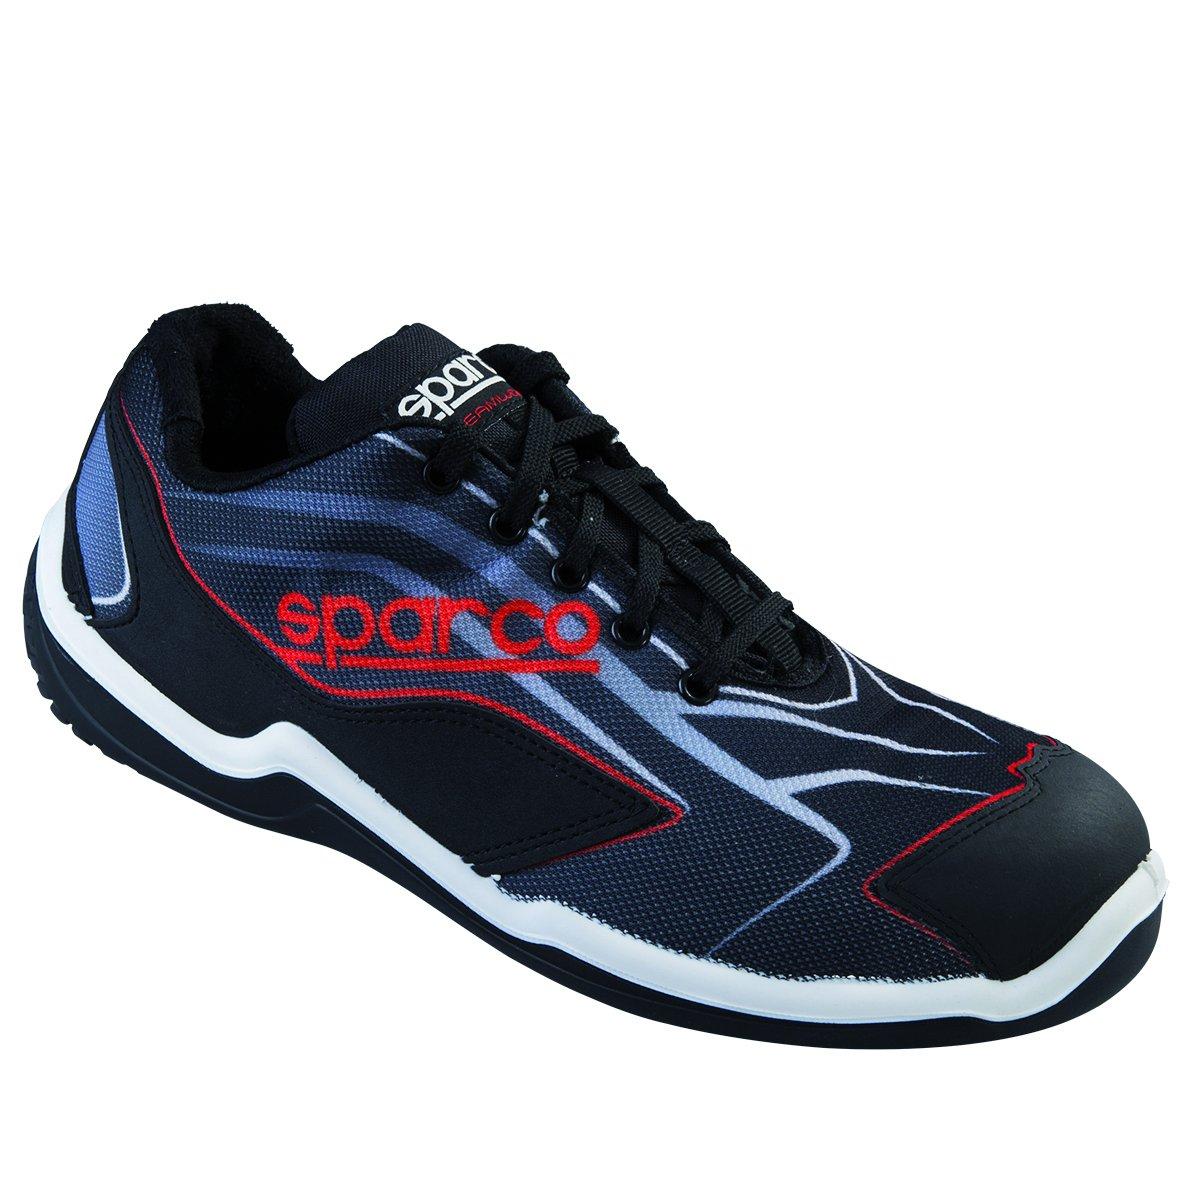 New Sparco 2015/16 S1P - Zapatos de seguridad para hombre (tallas 40, 41, 42, 43, 44, 45 y 46), color negro y rojo: Amazon.es: Hogar